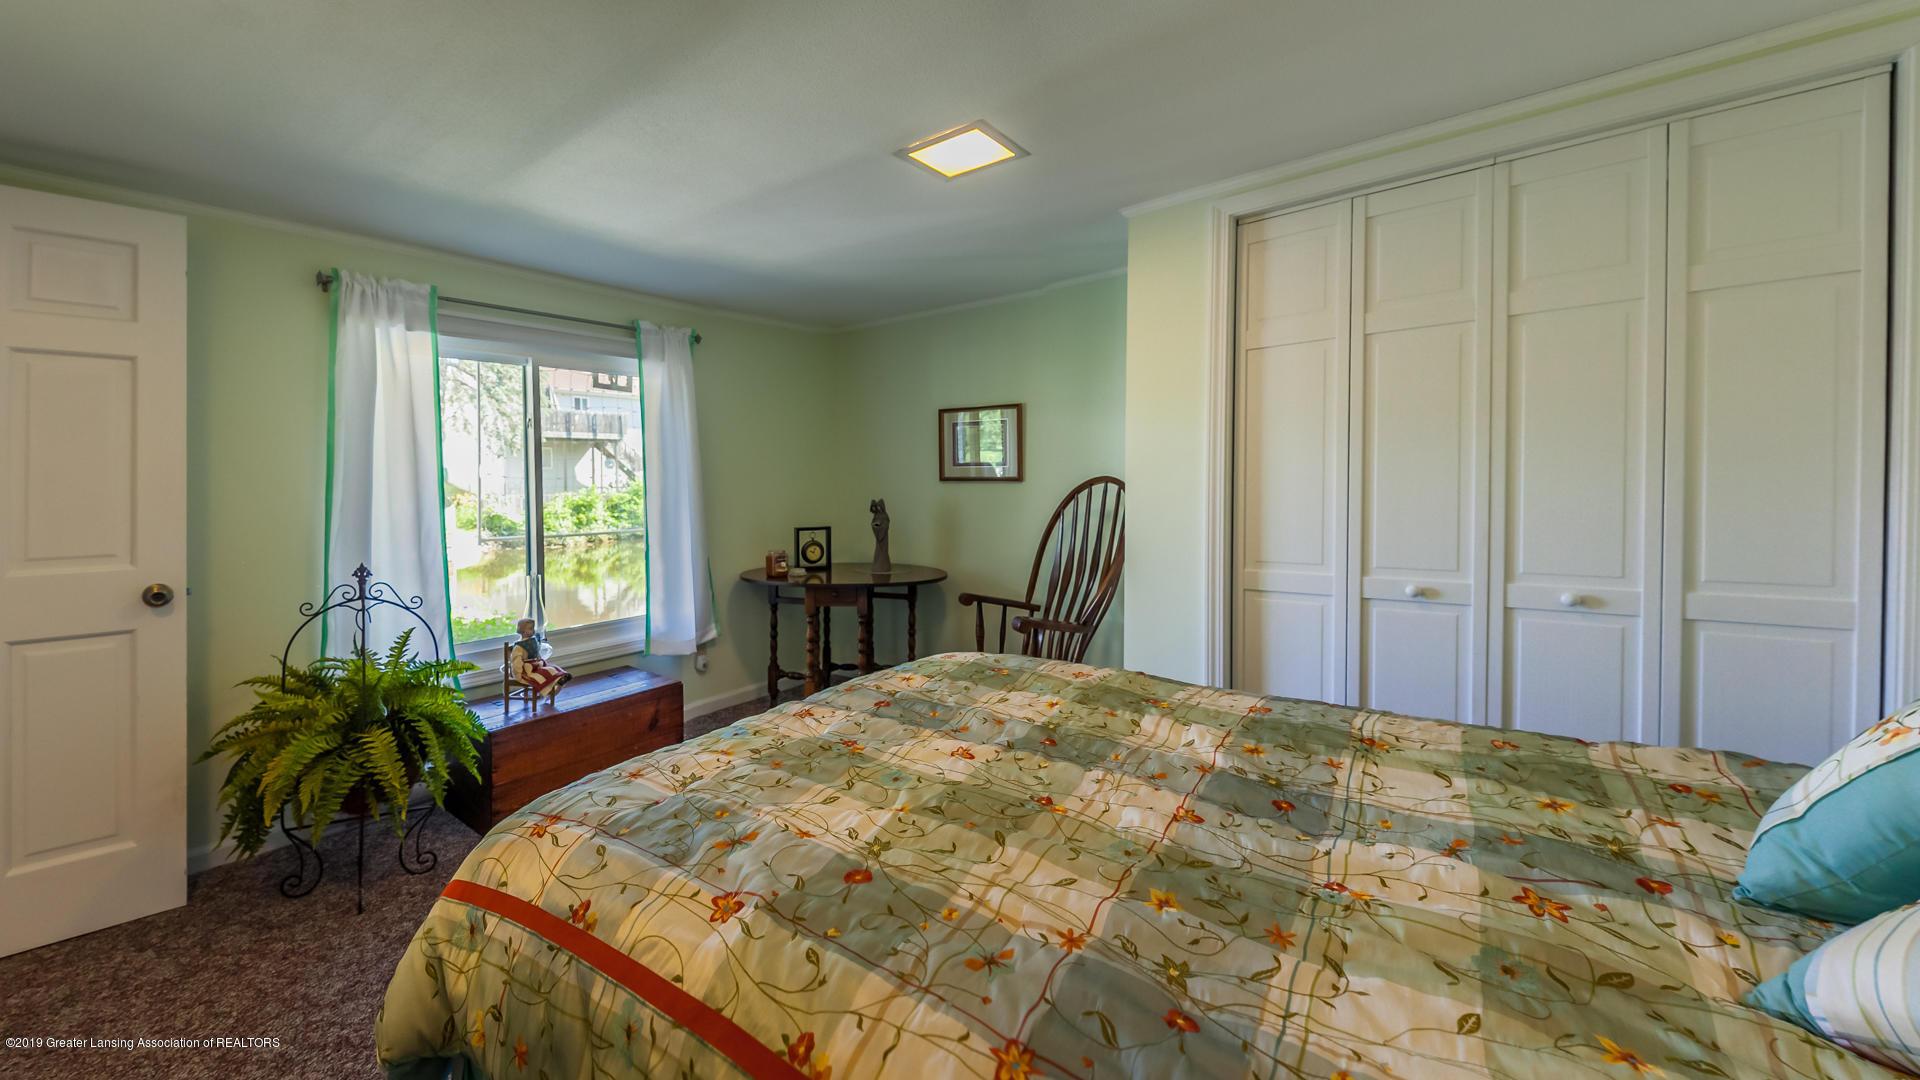 10109 Burgundy Blvd - lower level bedroom - 19